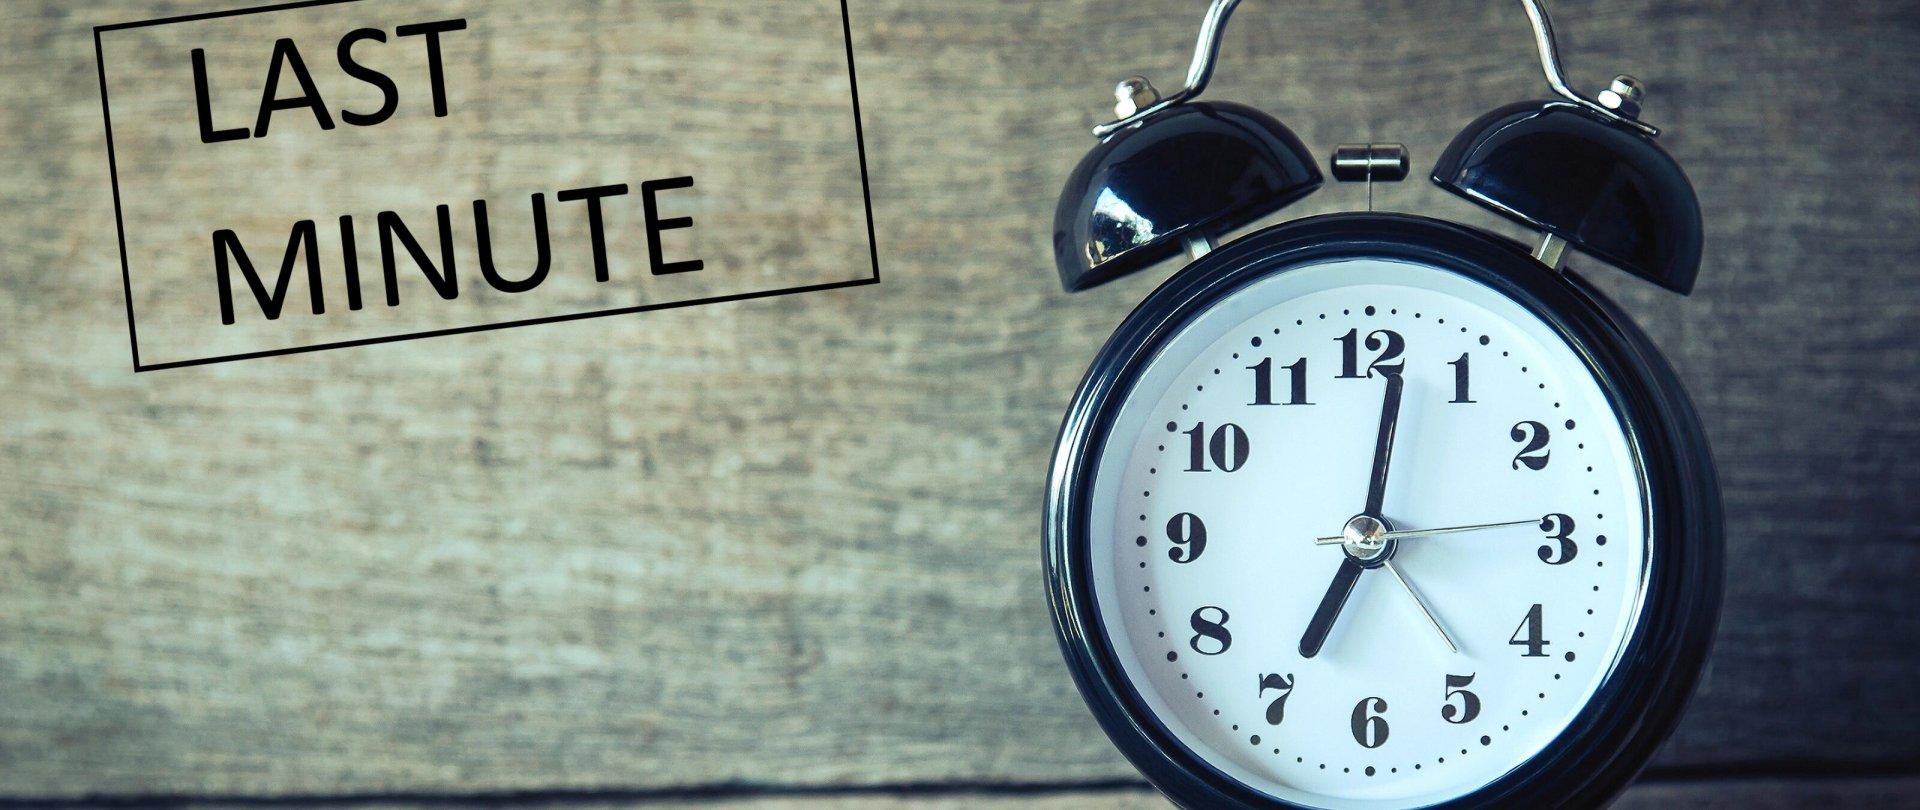 Oferta Last Minute | Rabat 15% | Śniadanie w Cenie